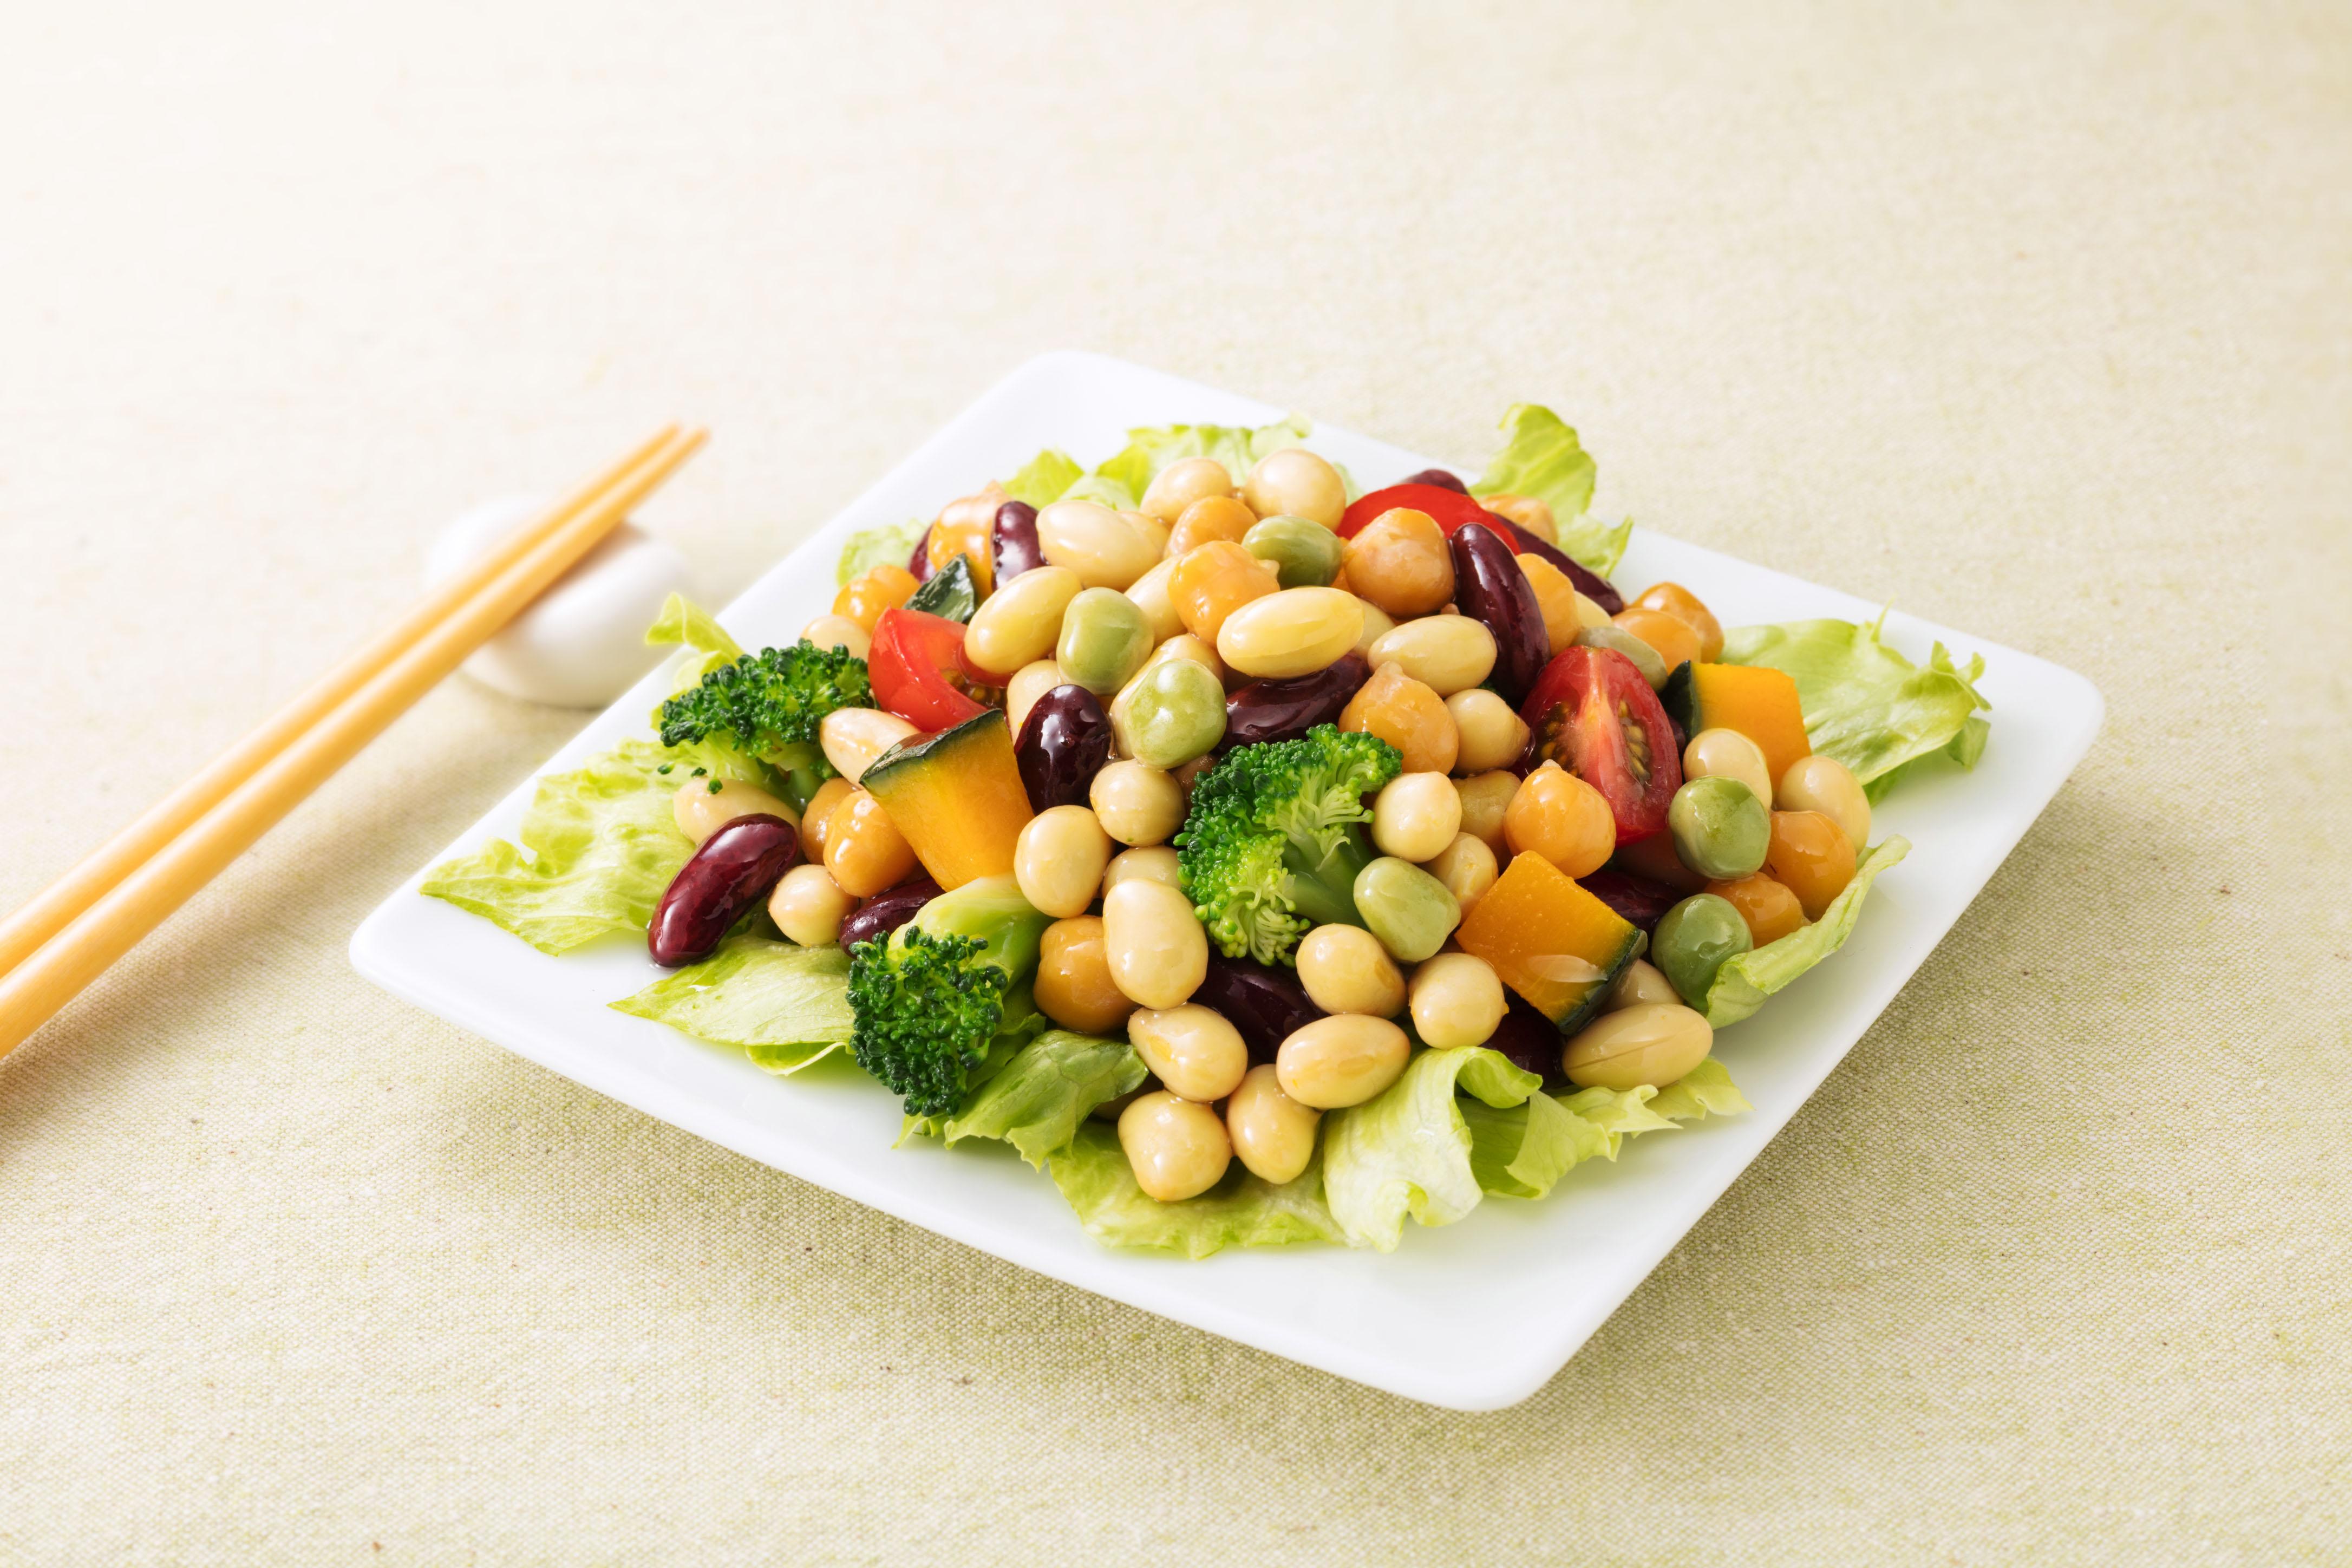 植物性乳酸菌100億個が入った「乳酸菌が入った 蒸しサラダ豆」